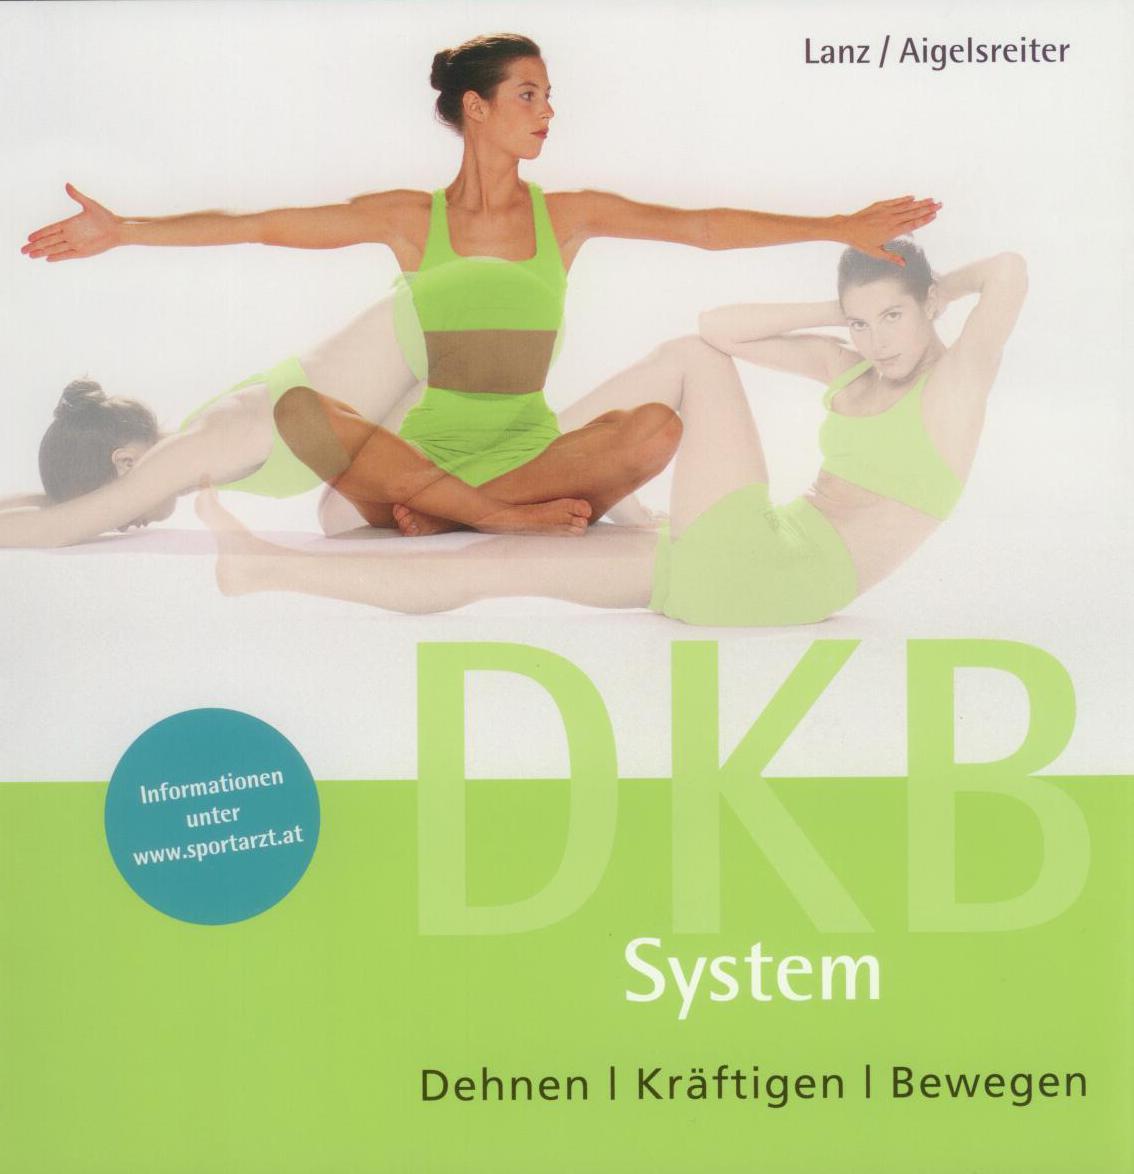 DKB-Body-Control-System